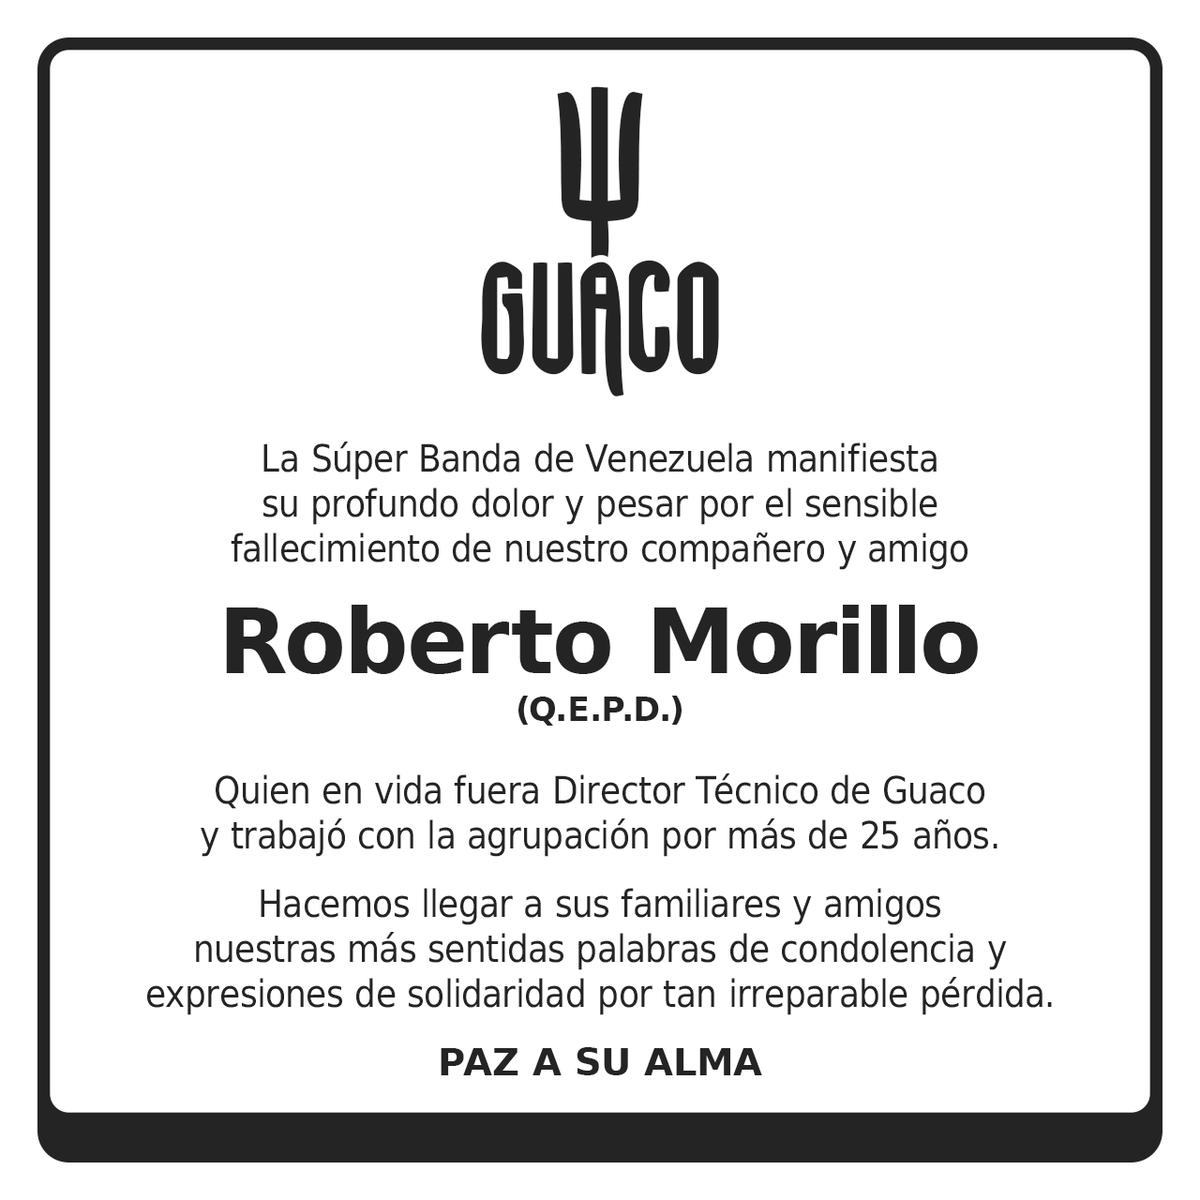 Ψ GUACO manifiesta su profundo dolor por el fallecimiento de nuestro Director Técnico Roberto Morillo. Paz a su alma https://t.co/B7ZFHoVmzm